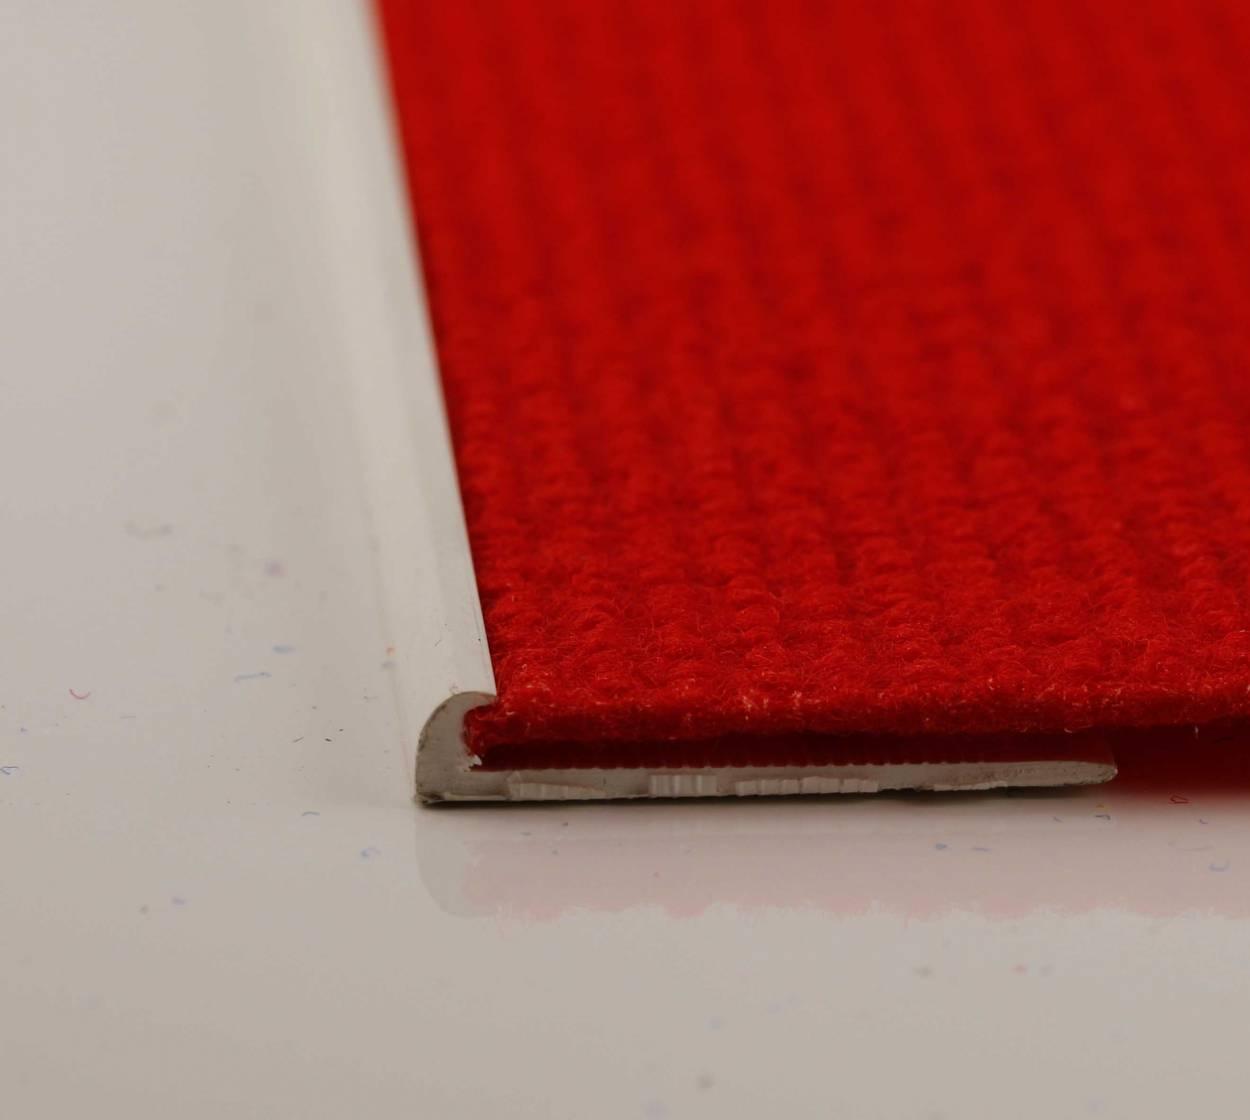 PVC Kante weiss, 4,5 mm, 3P01 im Stamm online Store München